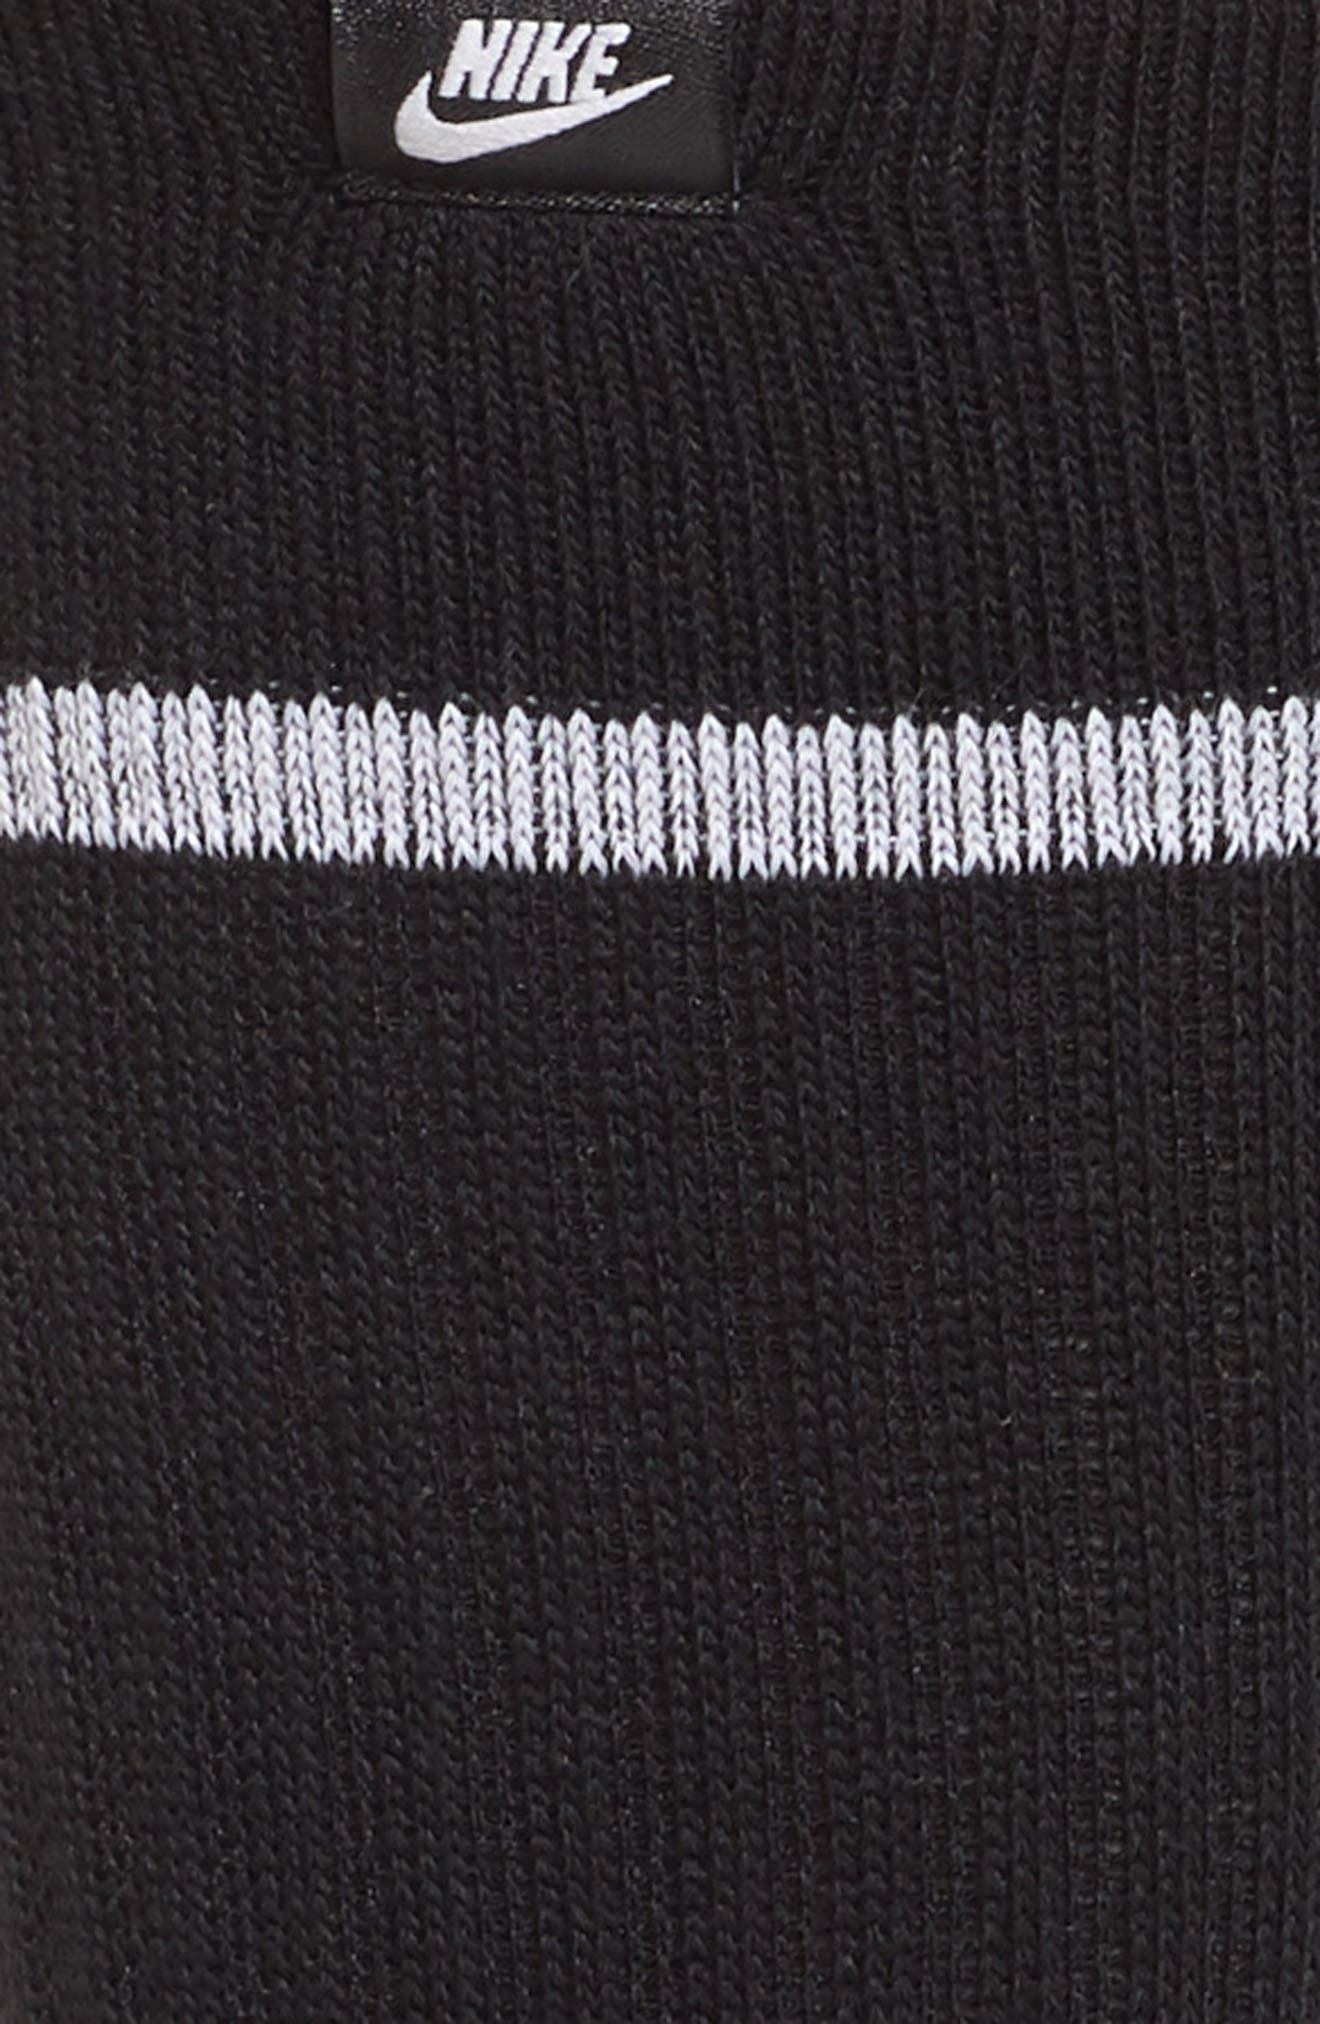 2-Pack SNKR Sox Essential Crew Socks,                             Alternate thumbnail 2, color,                             BLACK/ WHITE/ WHITE